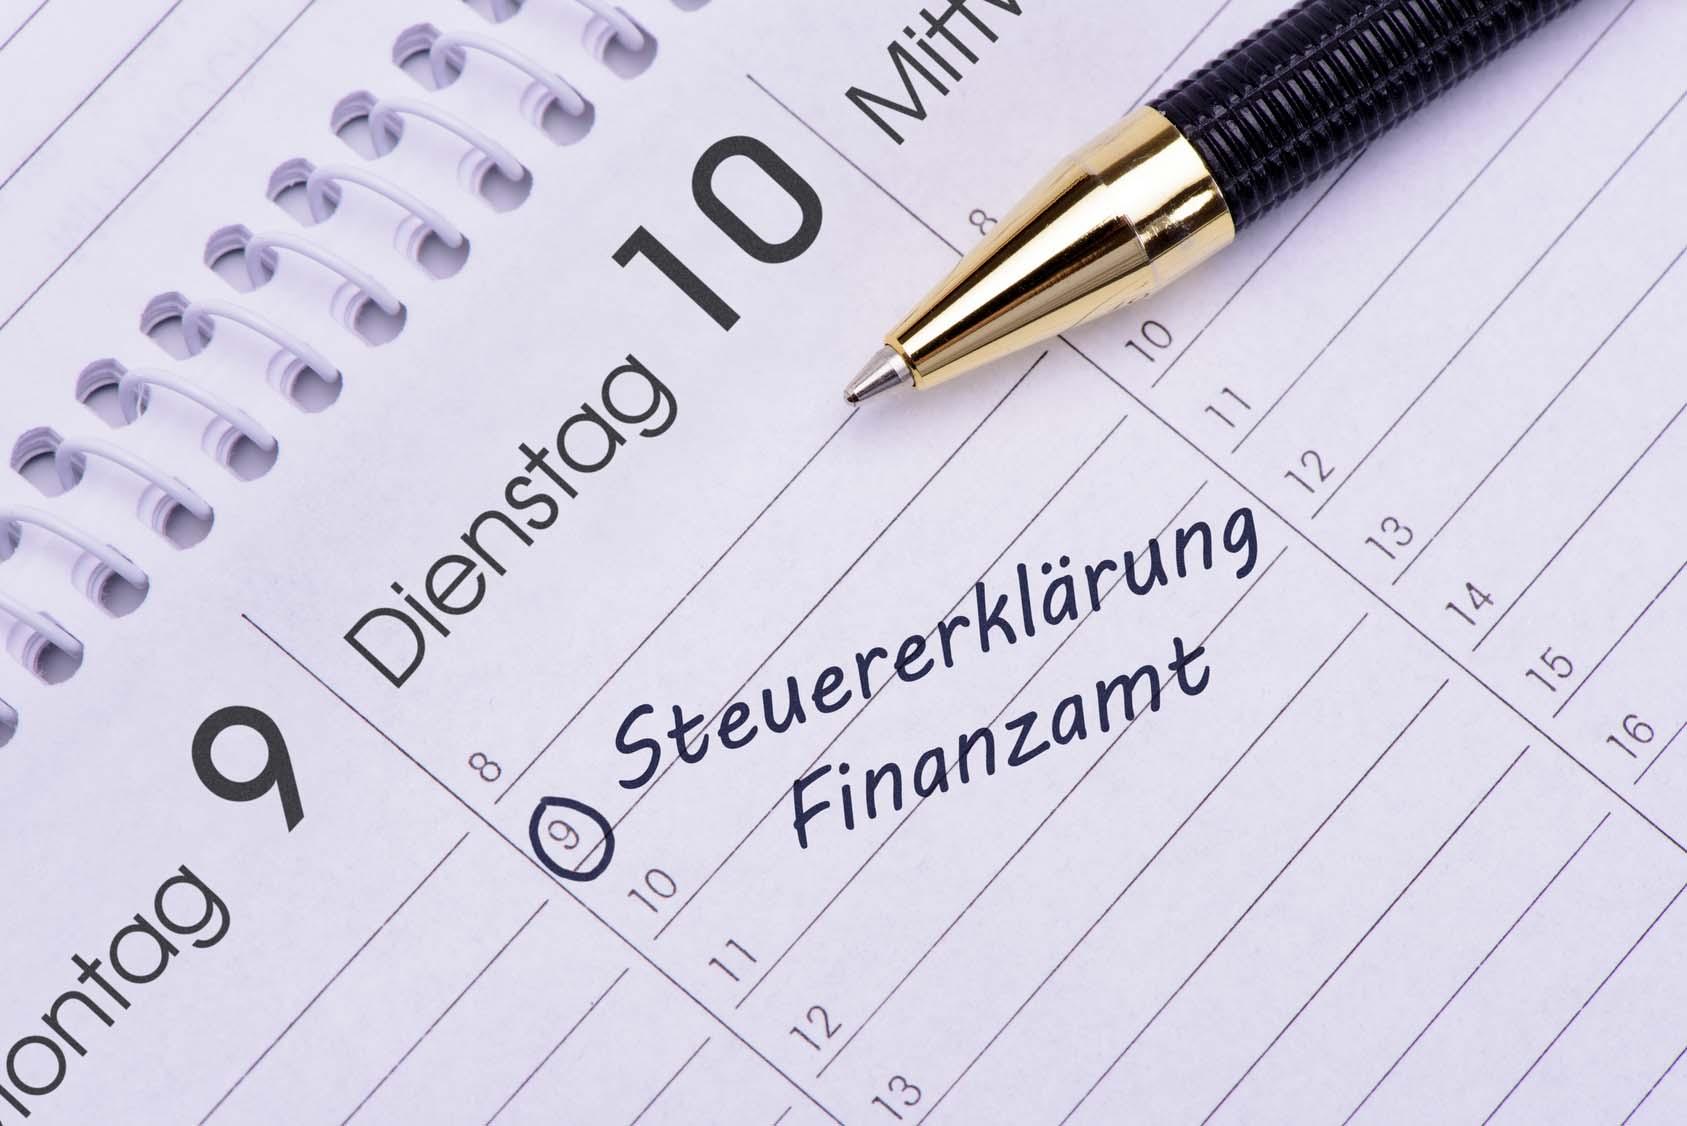 Wann und wie muss Ihr Verein eigentlich eine Steuererklärung abgeben?